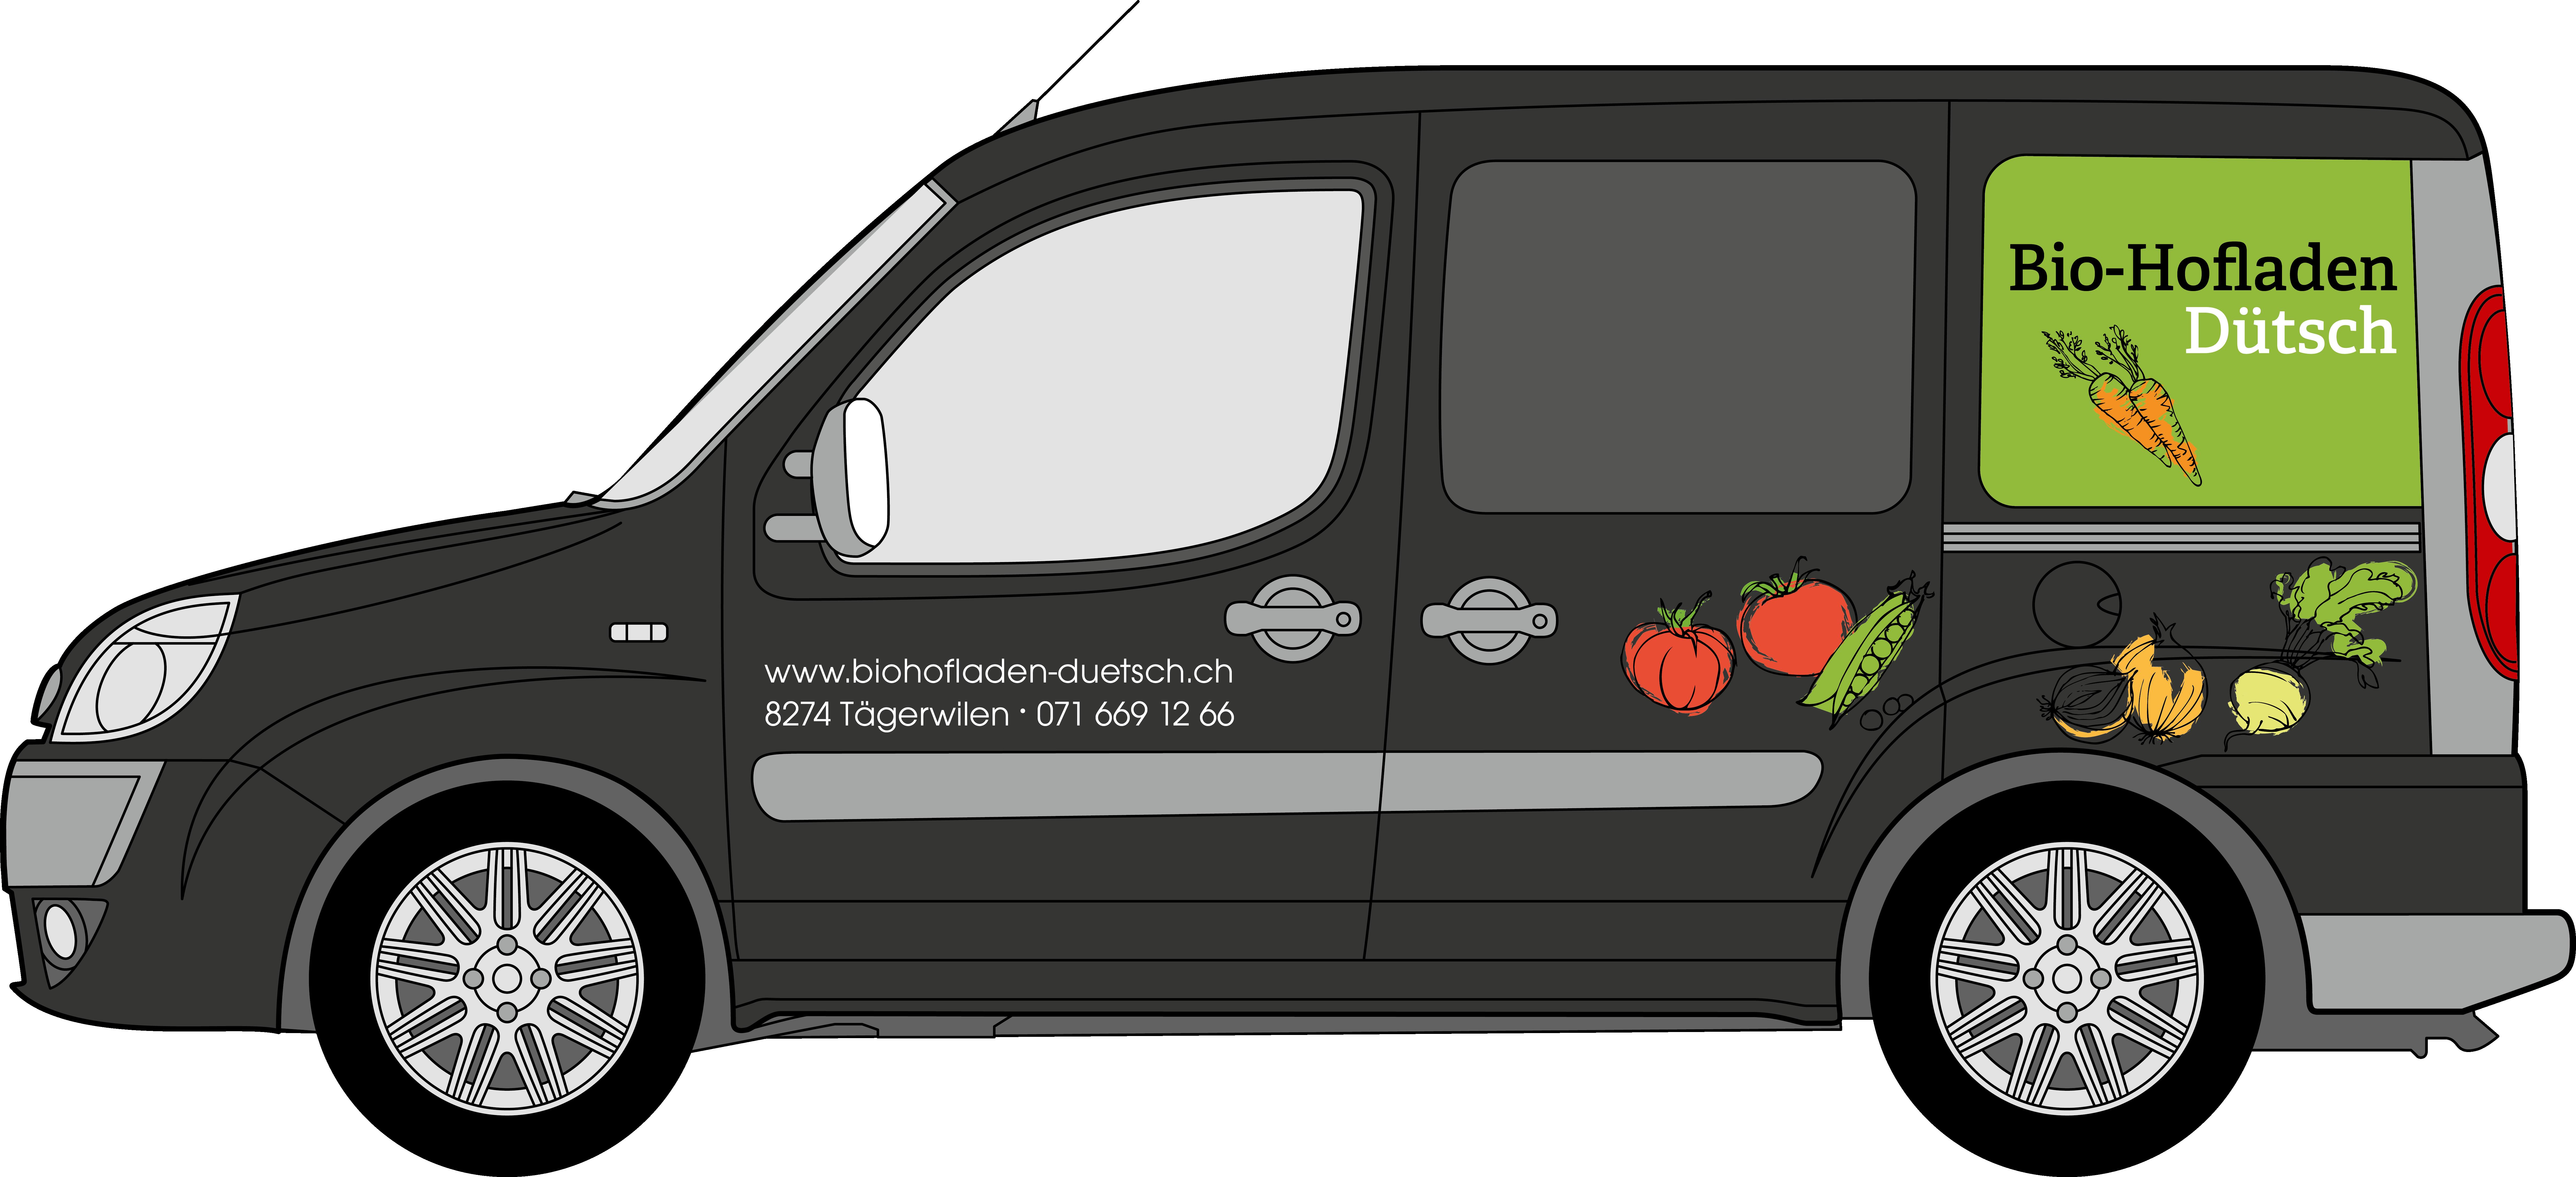 Fahrzeug Biohofladen Dütsch